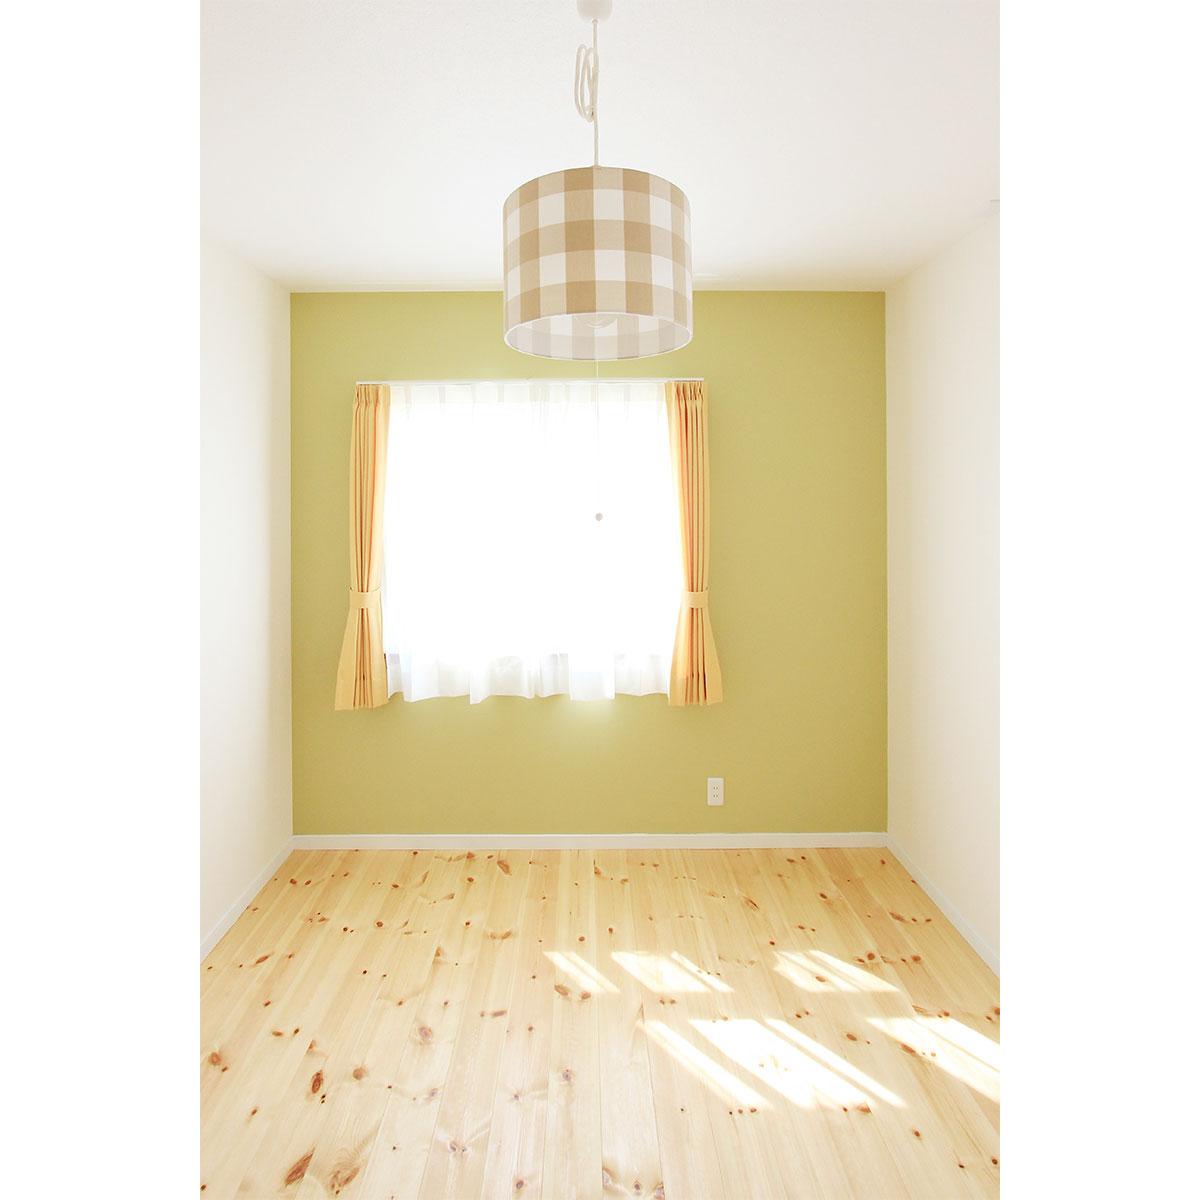 子供部屋。ママンの素朴で優しい雰囲気にぴったりの無垢の床。